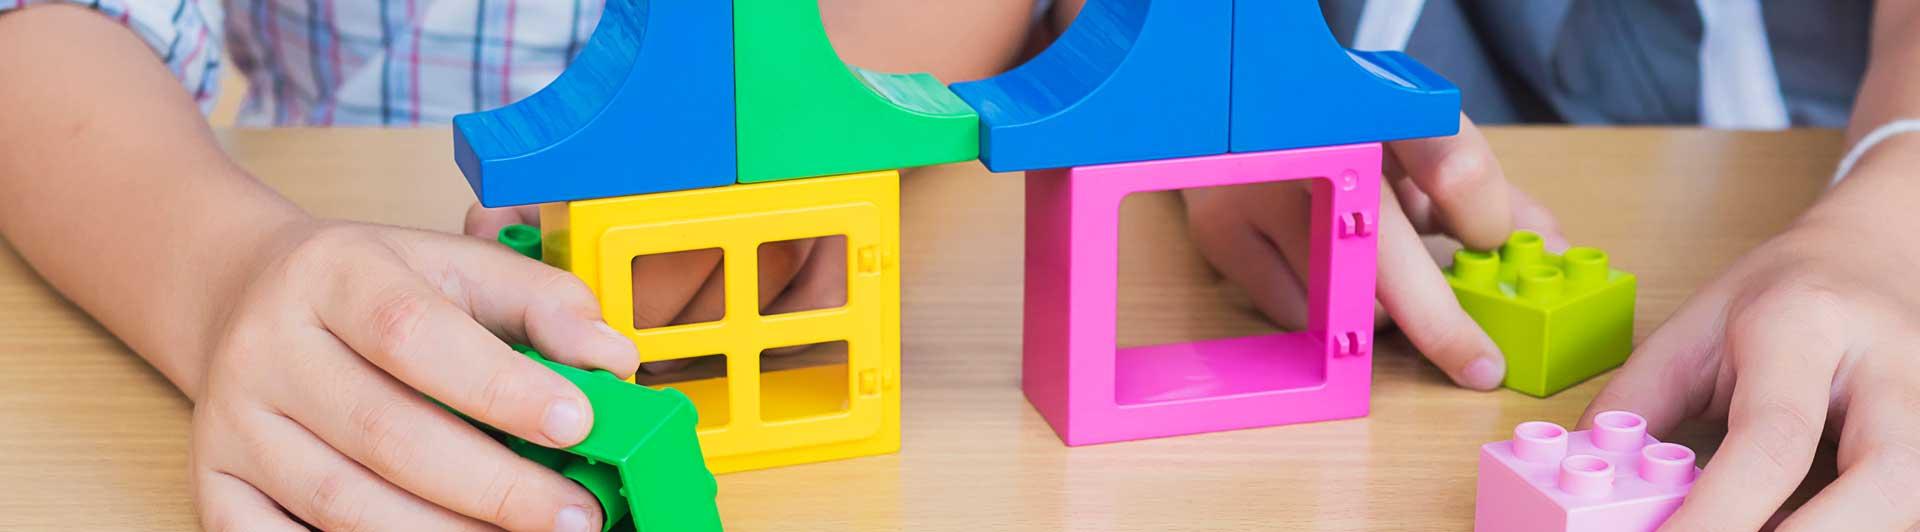 Етапи при детското развитие според метода Монтесори